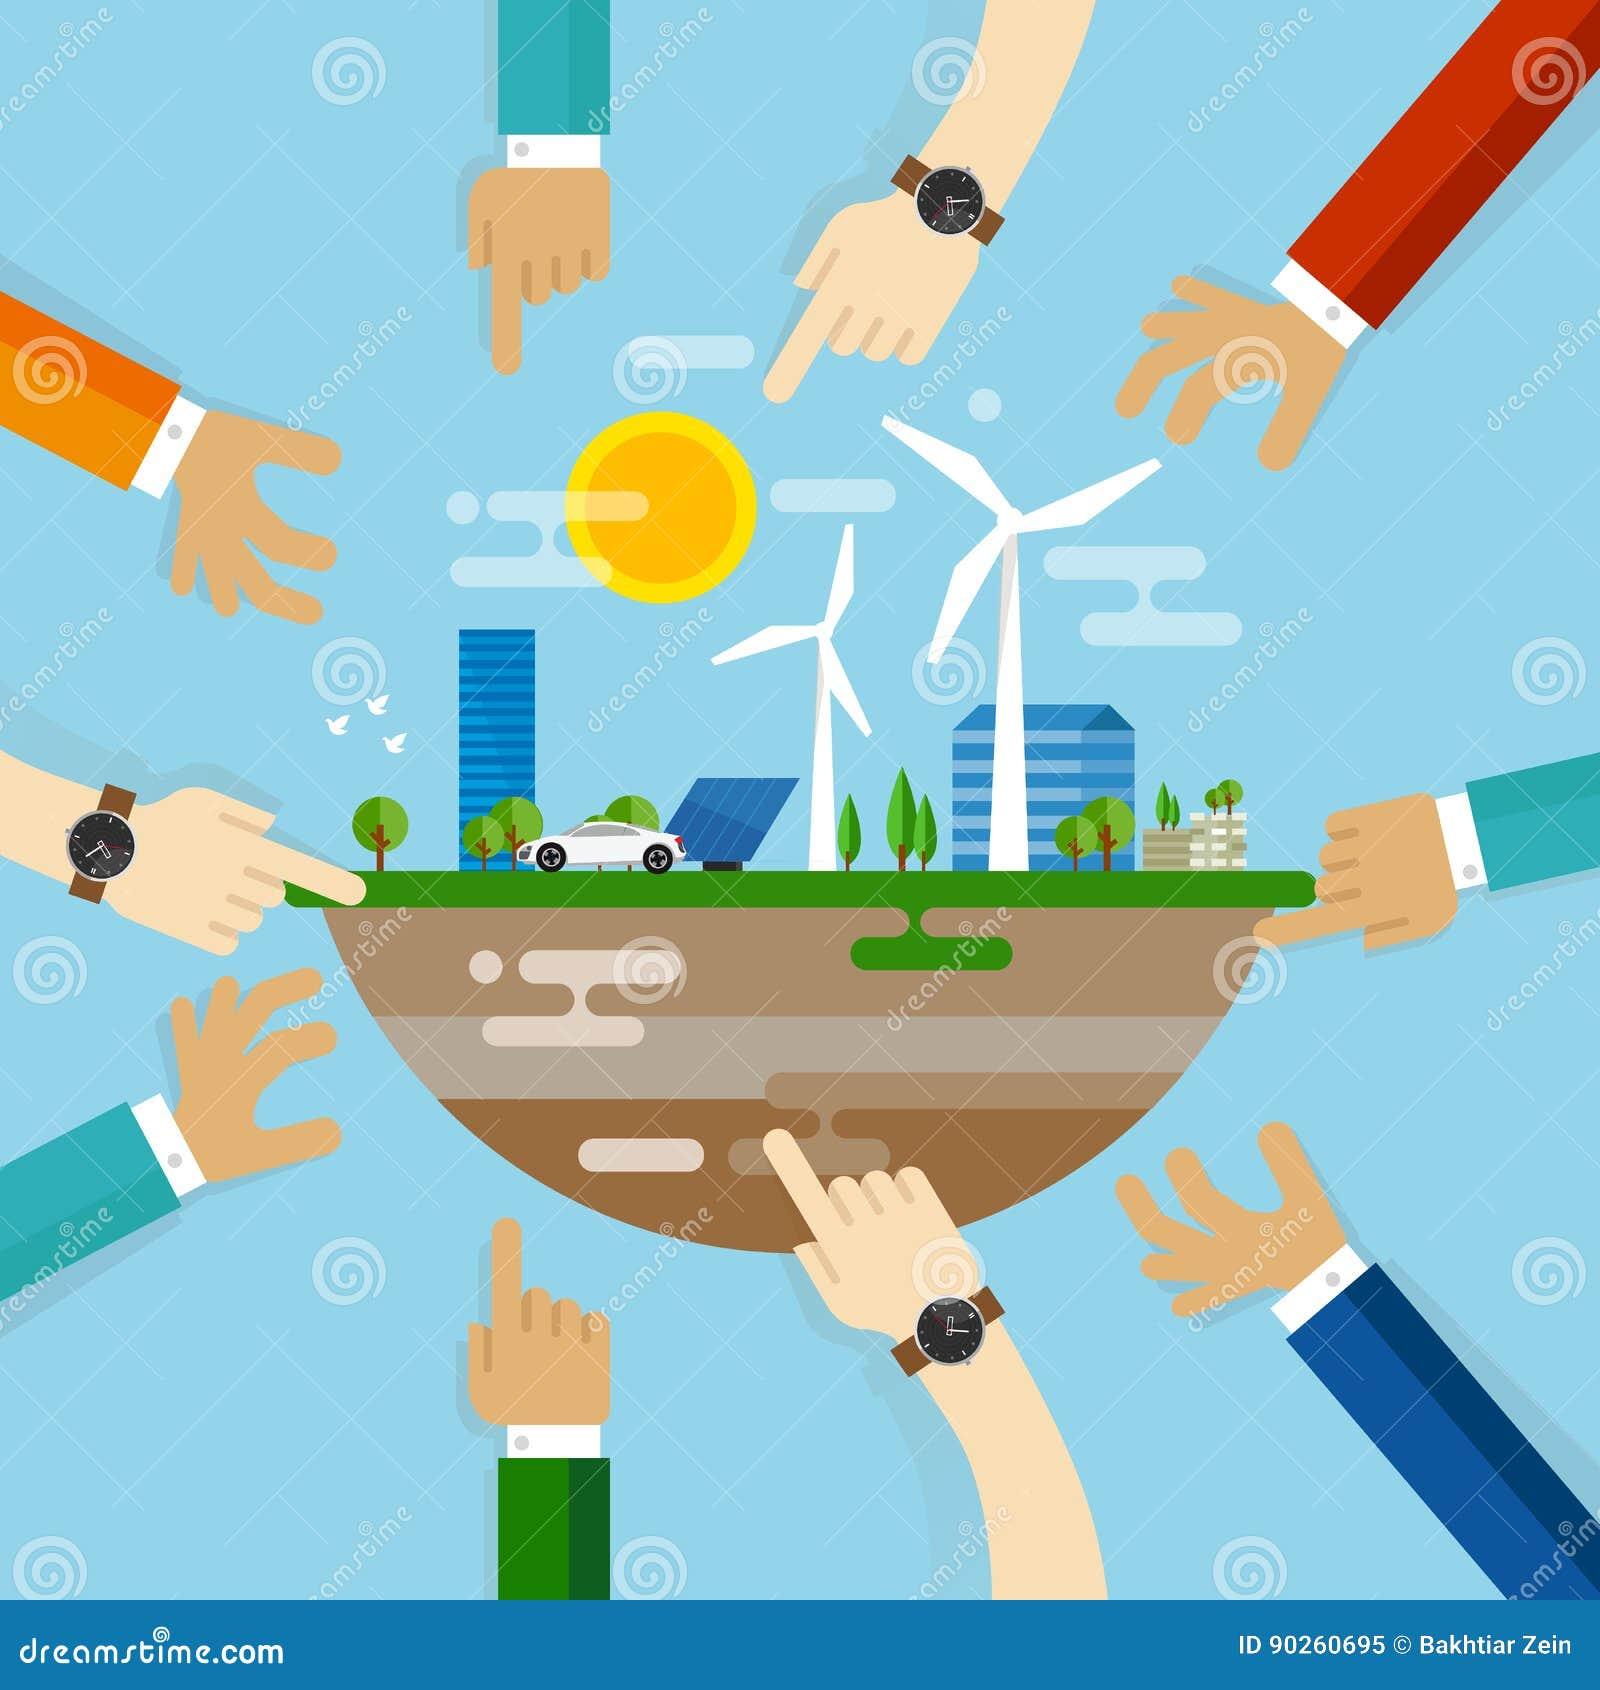 Ontwikkeling die van de Eco de vriendschappelijke stad samen samenwerking met gemeenschap bij het leiden van leefbare duurzame we